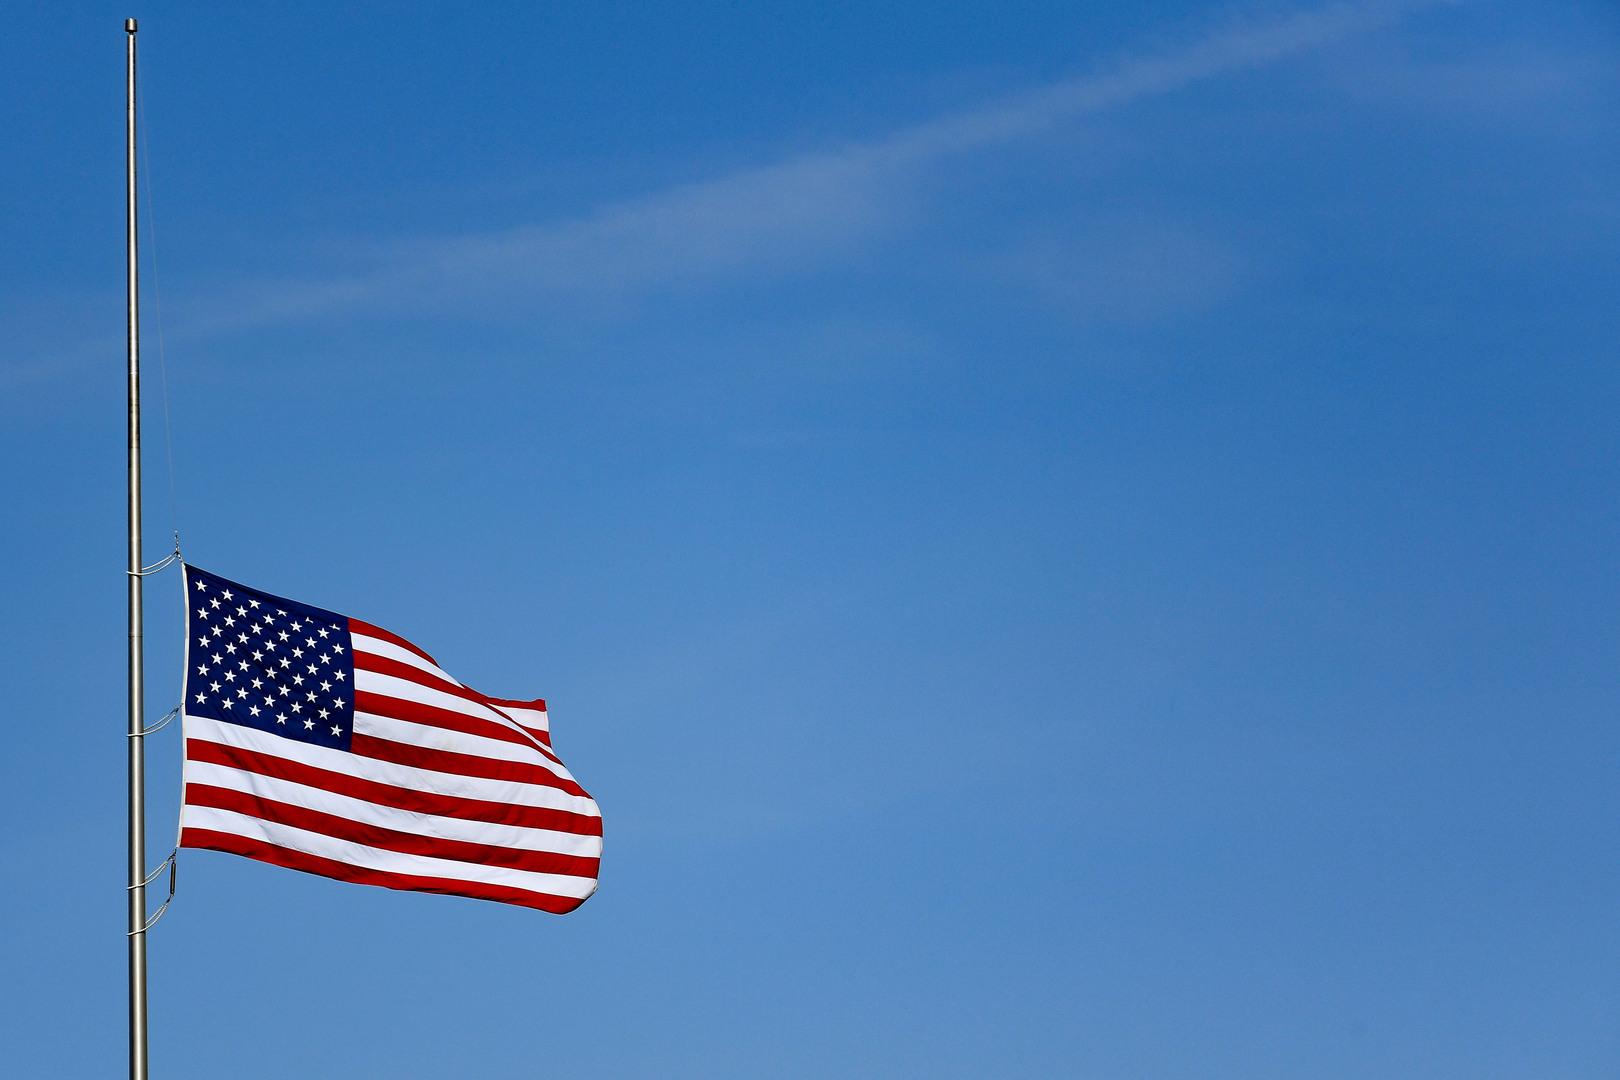 واشنطن تعلن فرض رسوم جمركية إضافية على المنتجات الفرنسية والألمانية